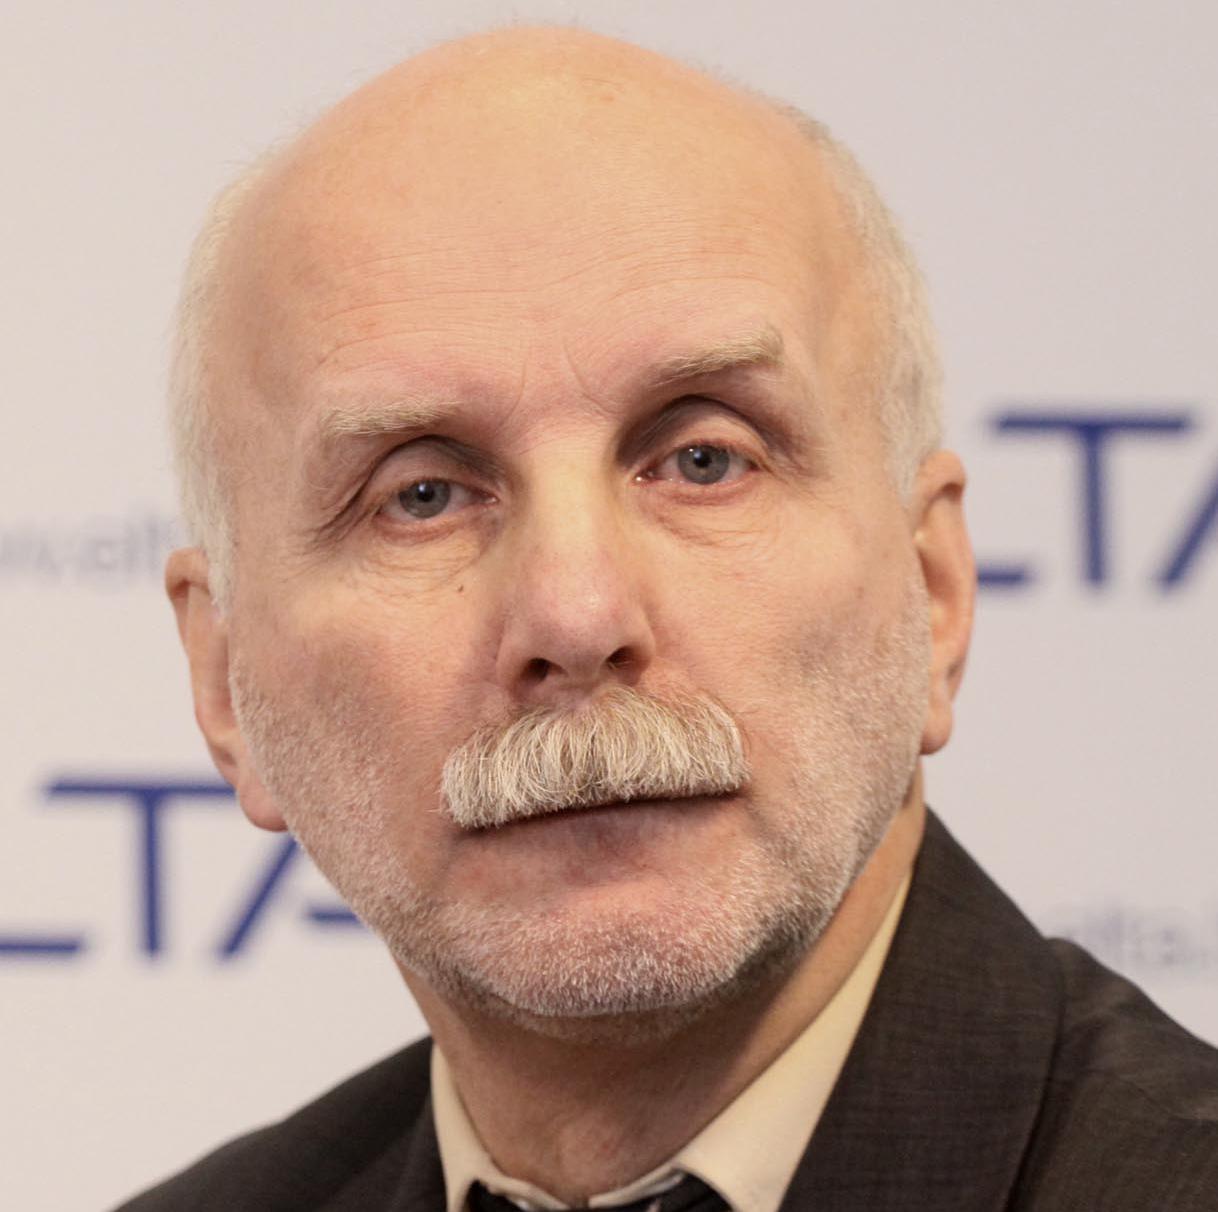 Ką atskleidžia faktų apie Ukrainą dvikova?